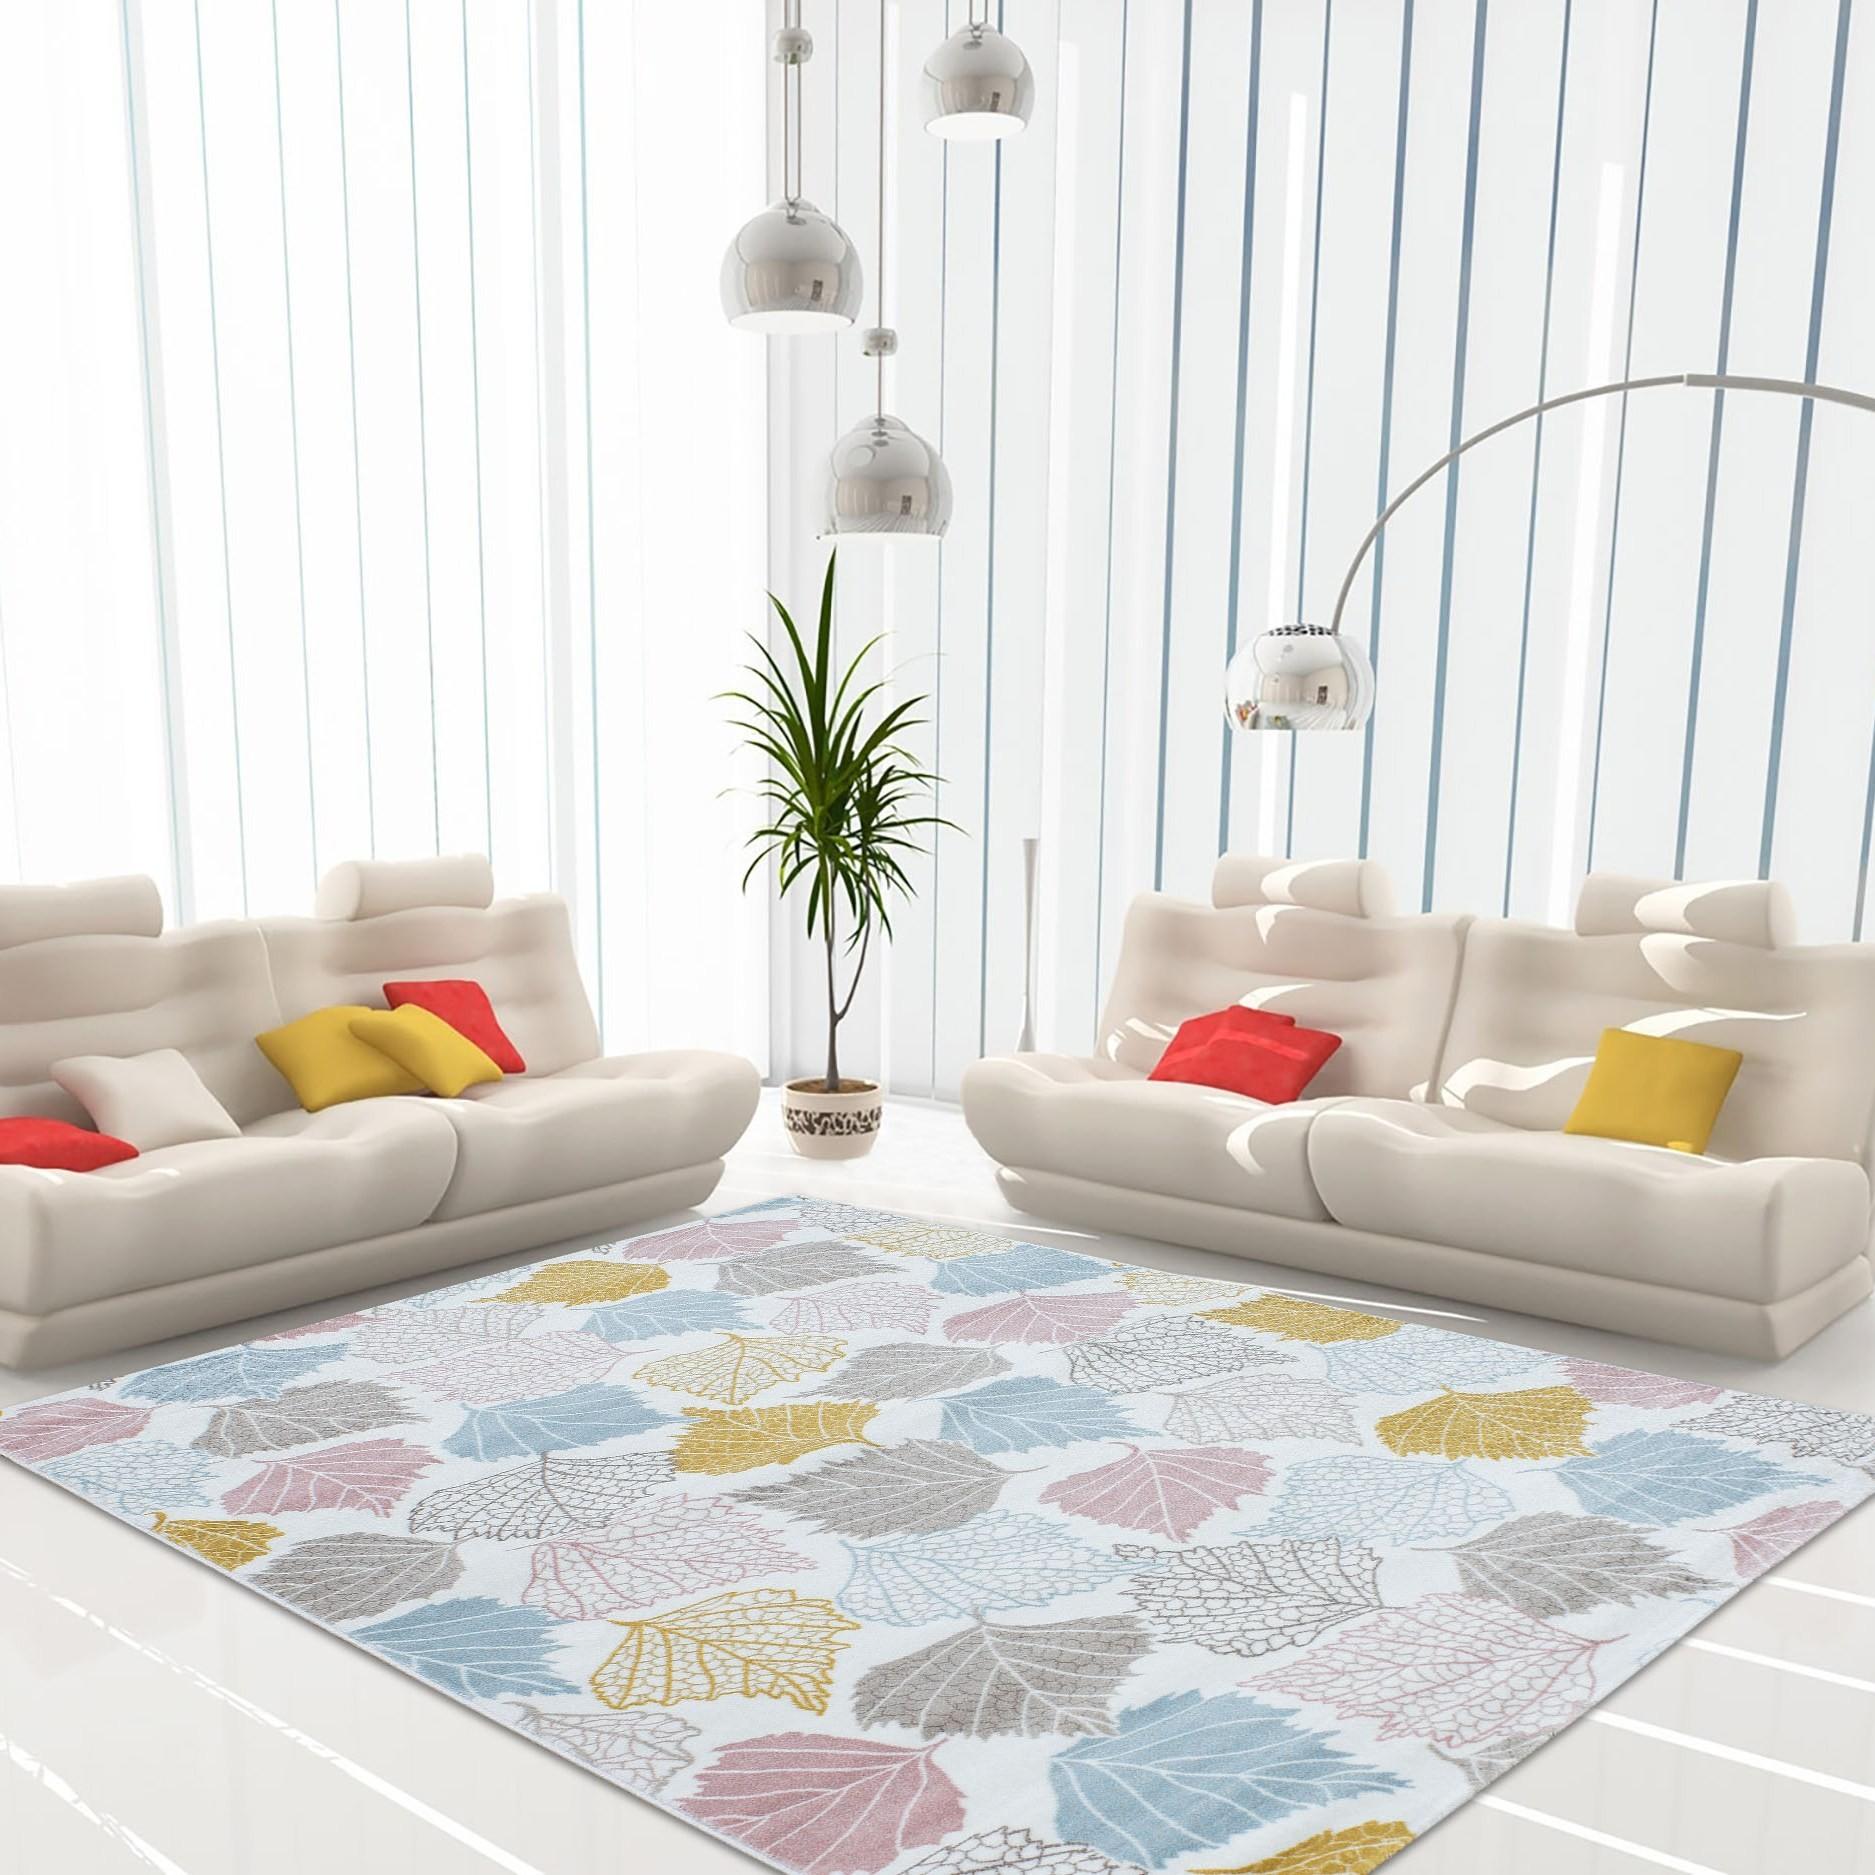 Tapis de salon rond 54135 tapis id es - Tapis rond pour salon ...